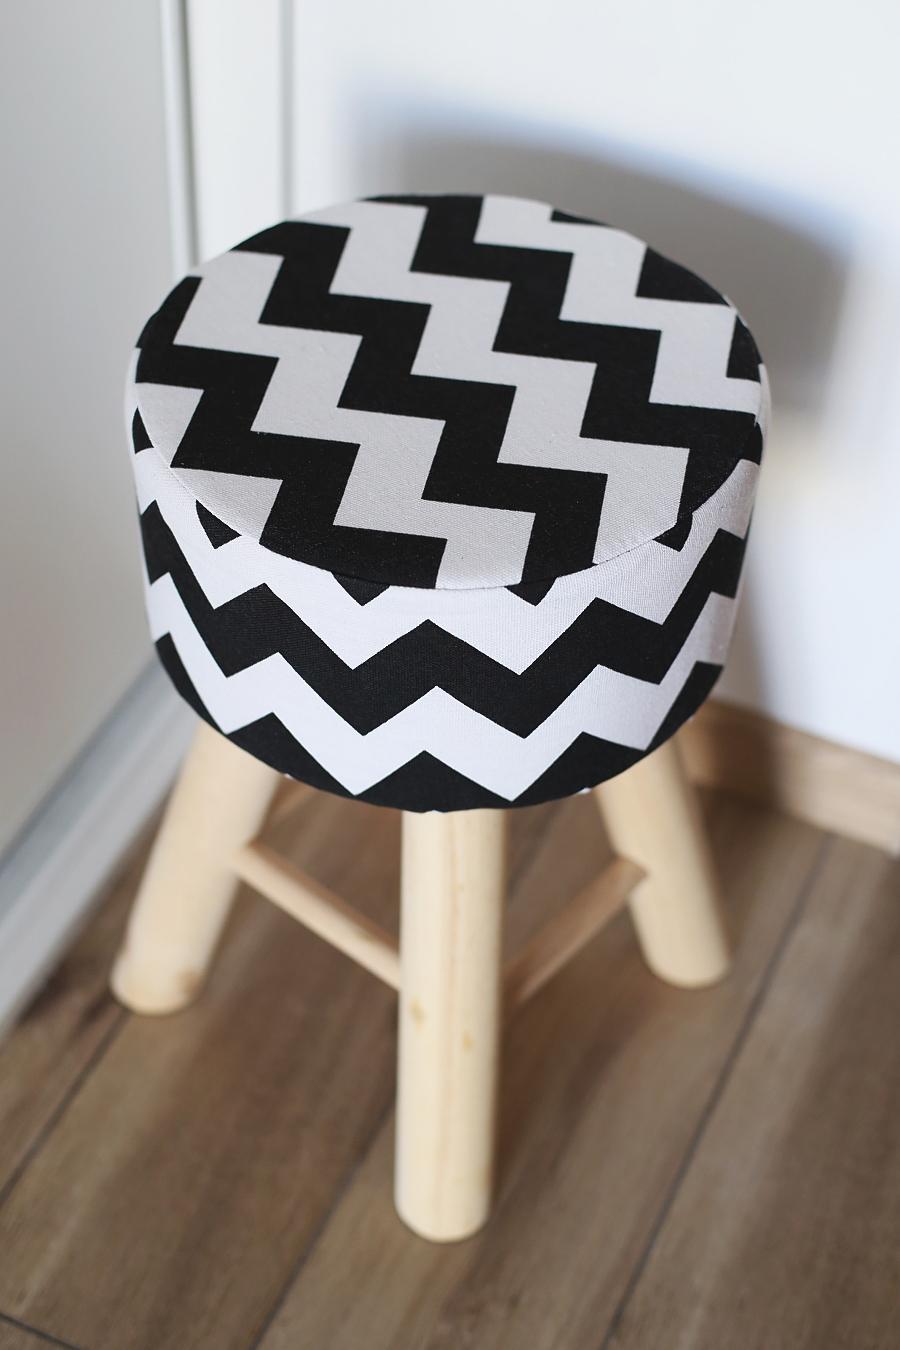 Przedpokój otwarty na salon - skandynawski stołek